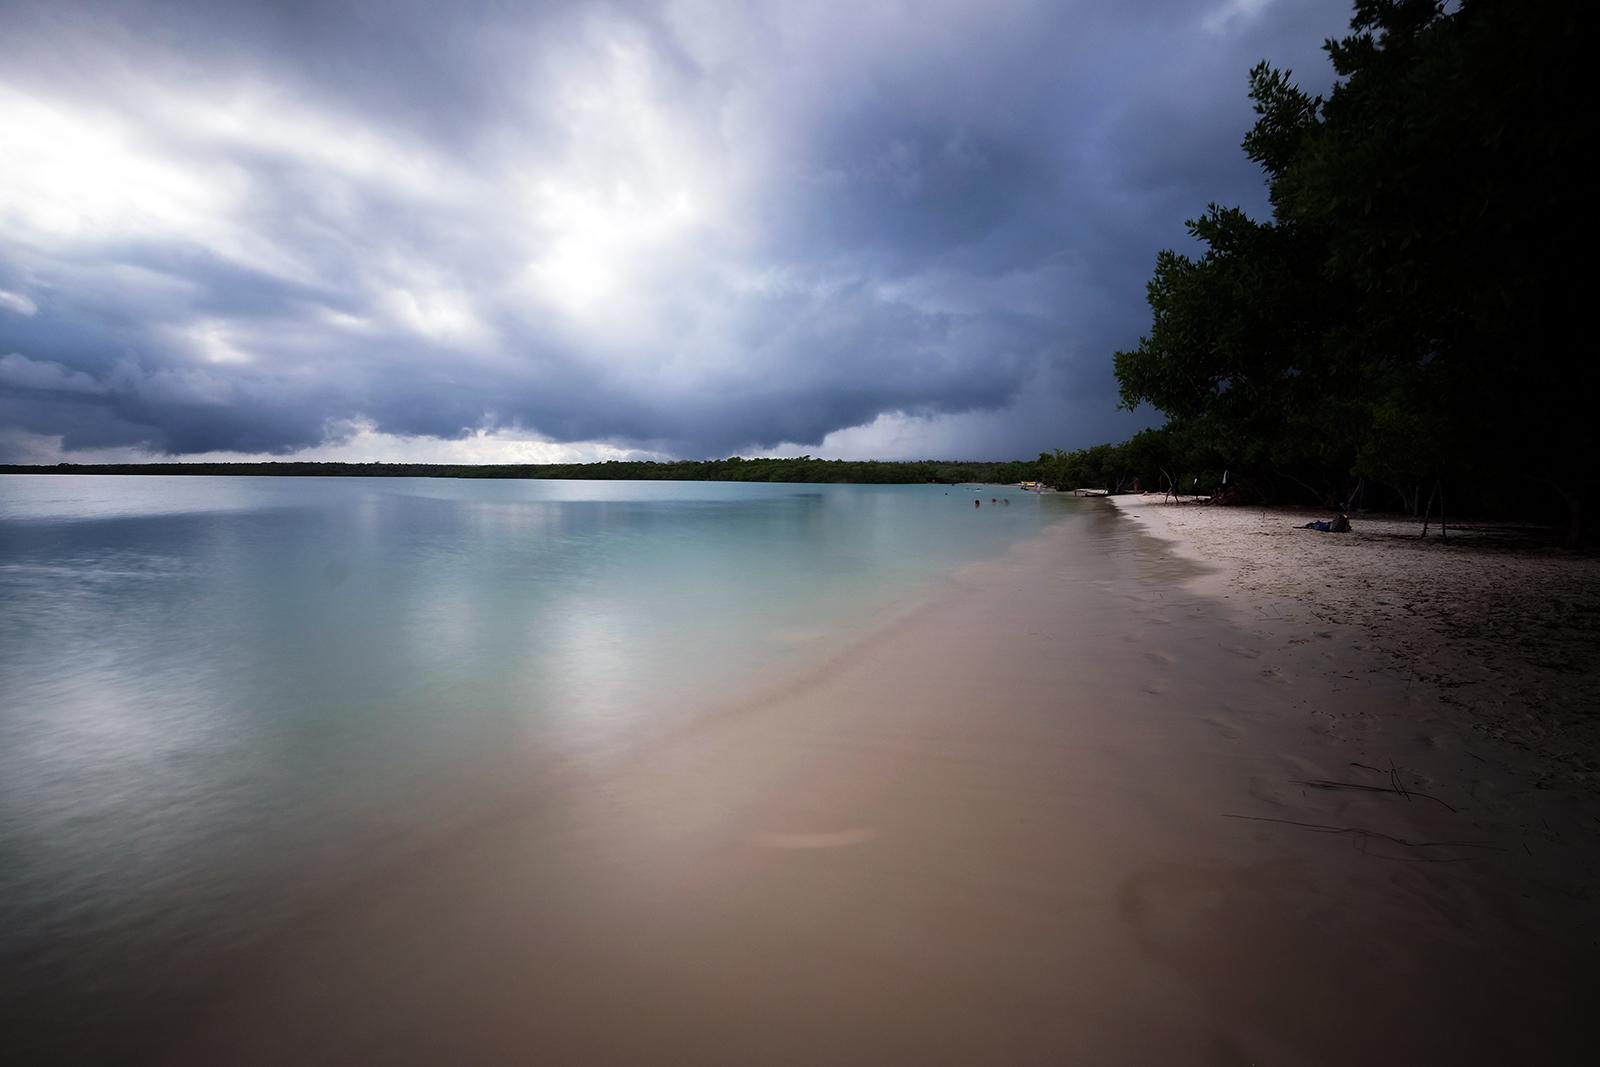 04_Playa_Bahia_de_Tortuga_07_se_viene_la_tormenta.JPG